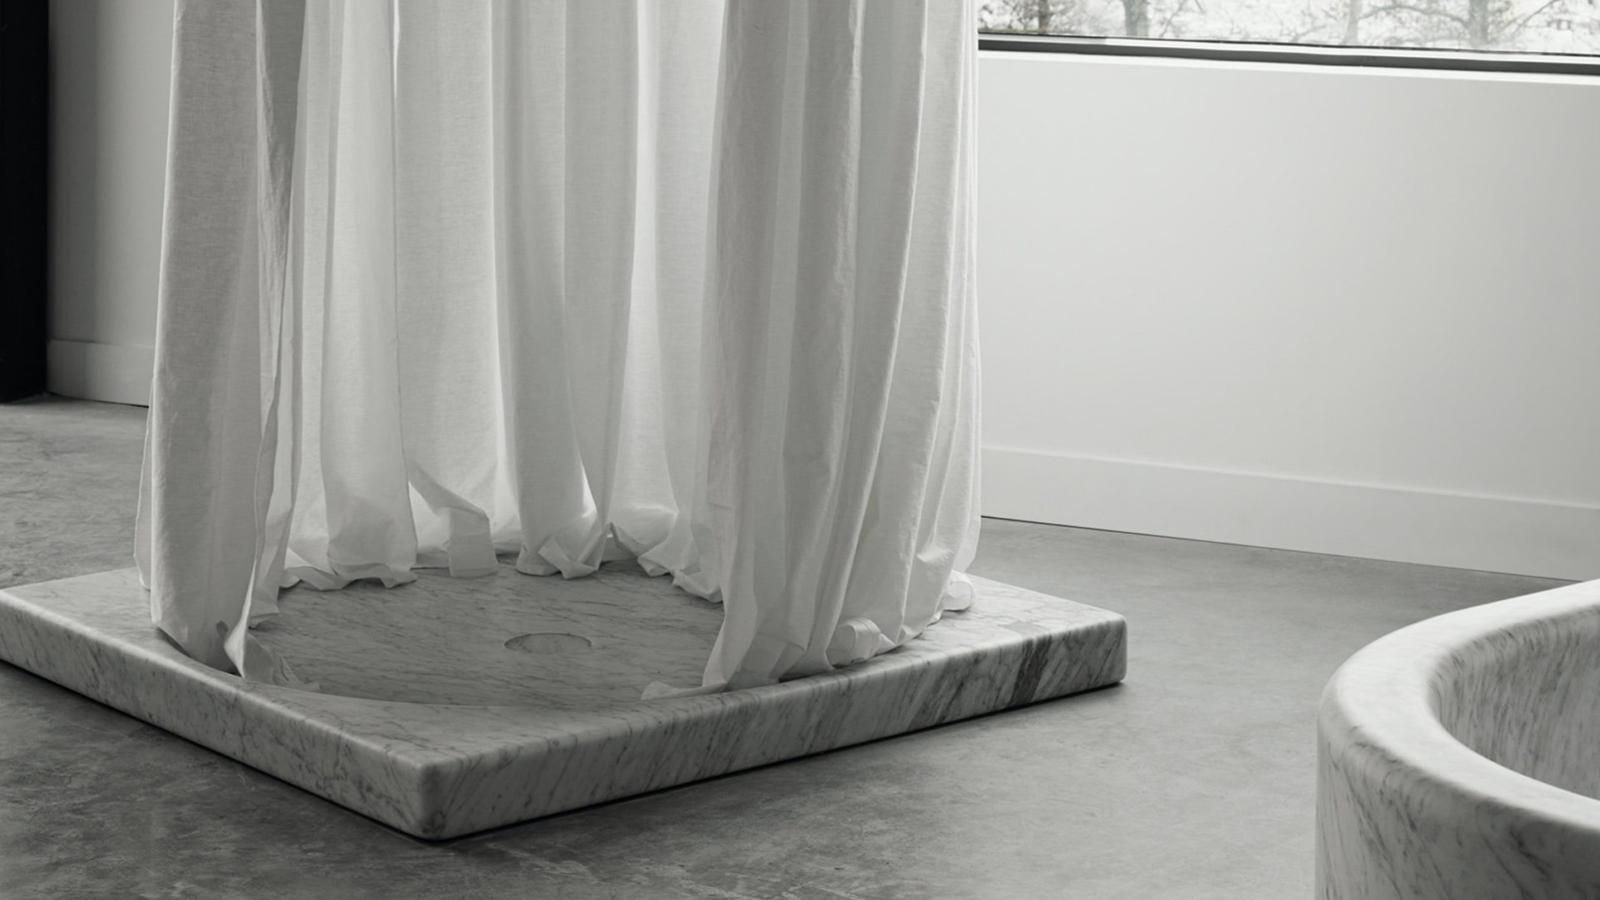 Akárcsak a Salvatori termékeinek döntő része, a Balnea sorozathoz tartozó zuhanytálca is egyetlen, csodás darab természetes kőből vagy márványból készül. Öt különböző konfigurációban, formában és színben elérhető, így akár a fürdőszoba közepén is elhelyezhető, melynek ezáltal valódi főszereplője lehet.